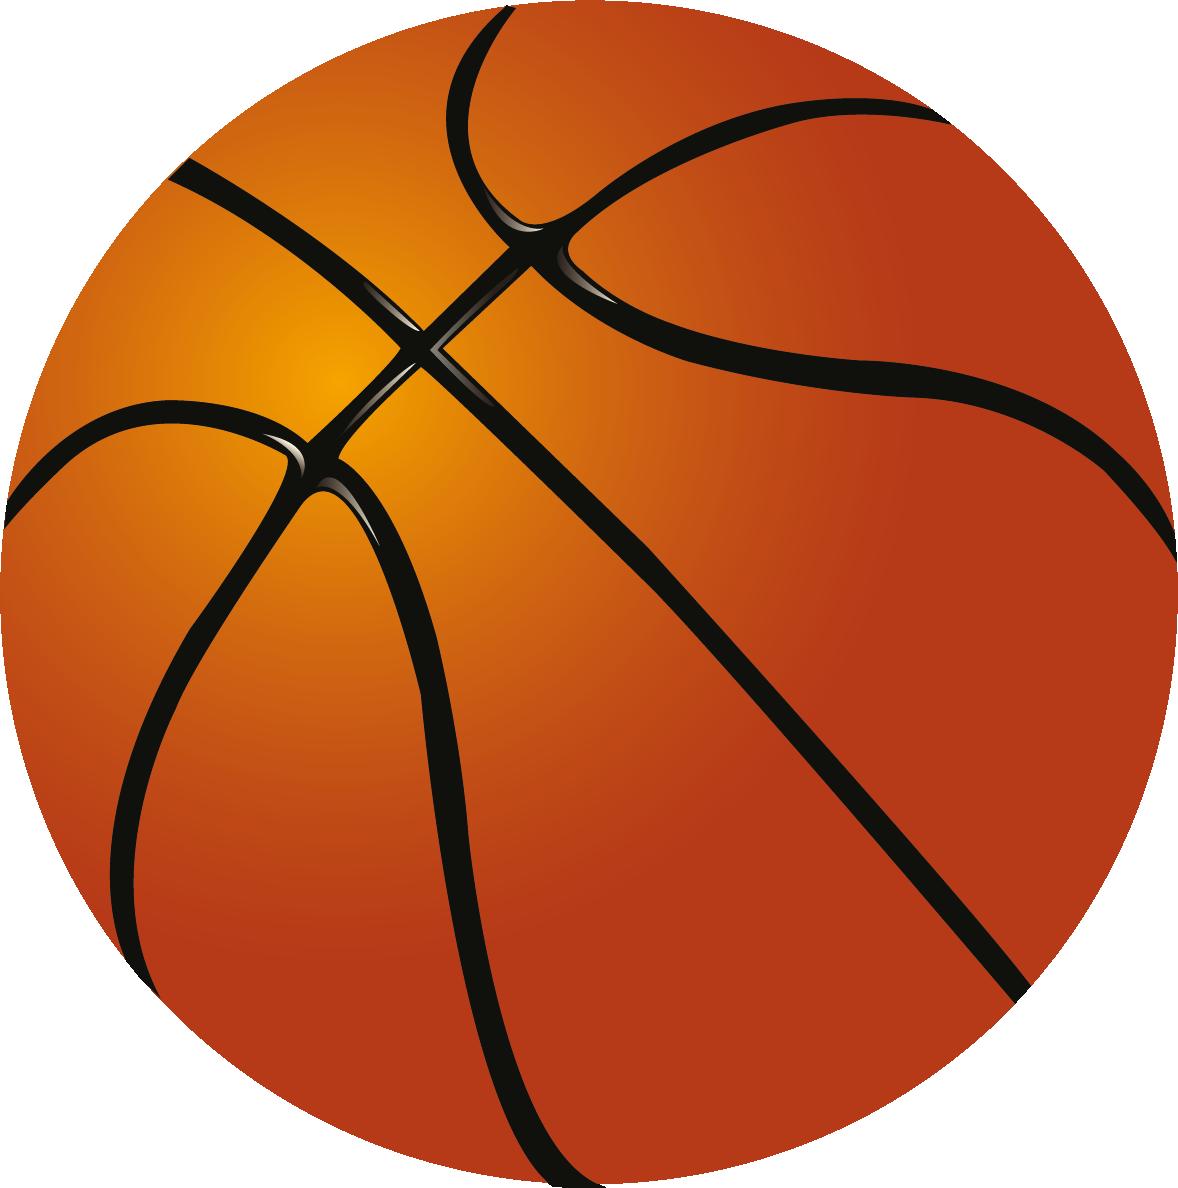 Ball Clip Art-Ball Clip Art-4